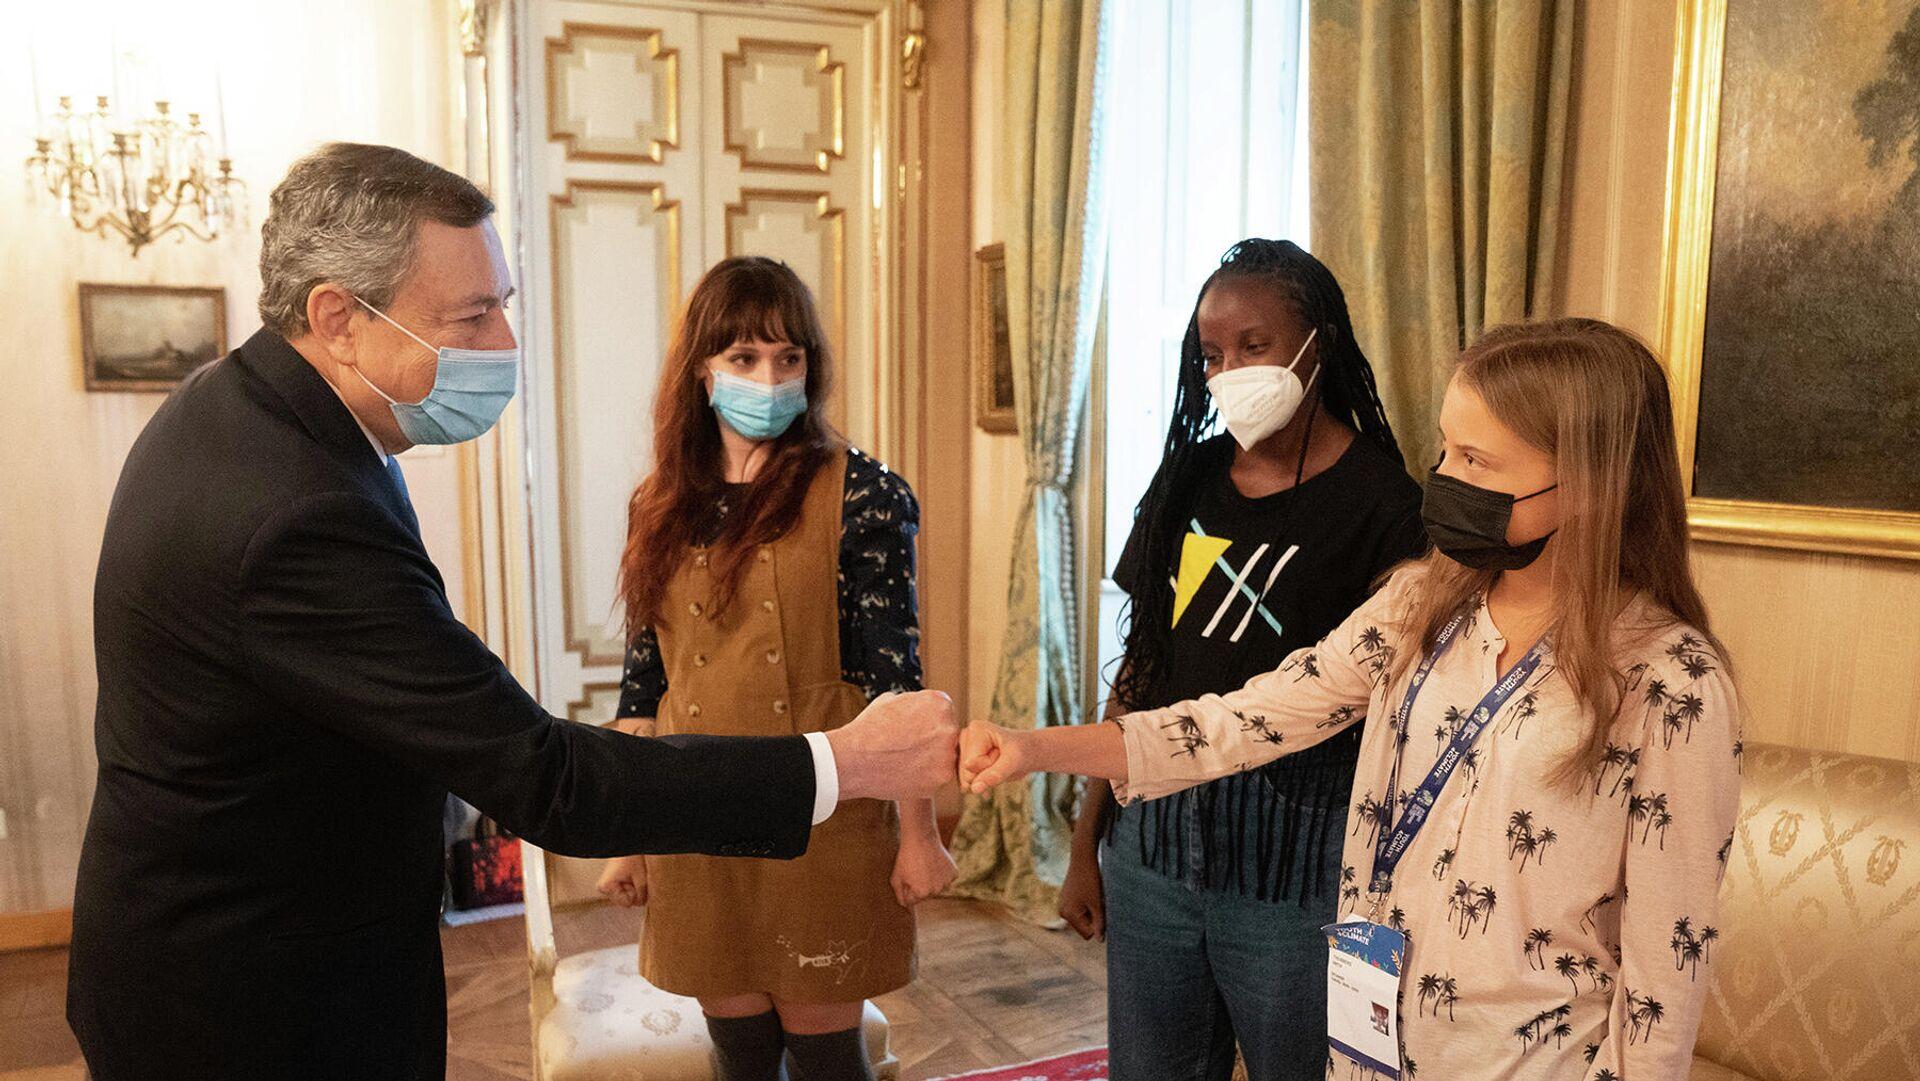 l Presidente del Consiglio Mario Draghi con le attiviste ambientali Greta Thunberg, Vanessa Nakate e Martina Comparelli, Milano 30 settembre 2021 - Sputnik Italia, 1920, 30.09.2021